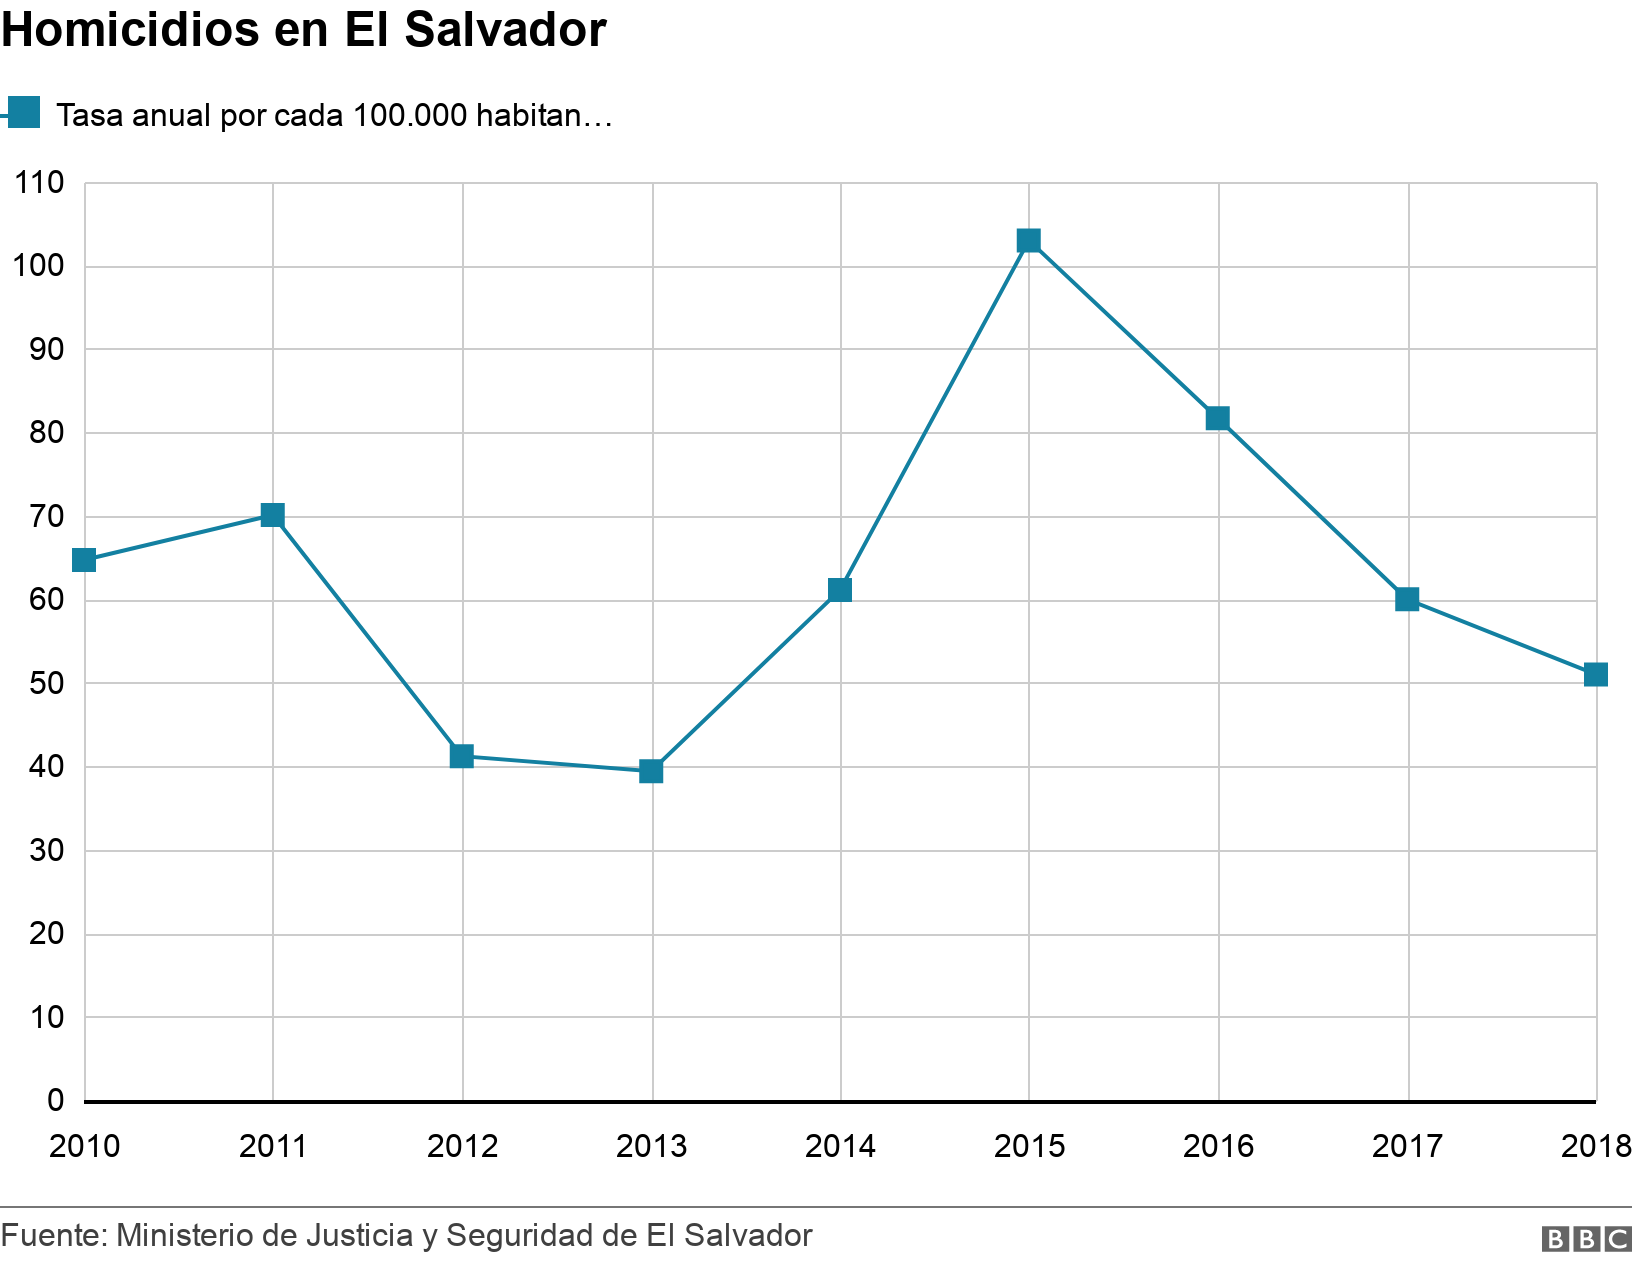 Homicidios en El Salvador. . Gráfico de la tasa de homicidios en El Salvador .